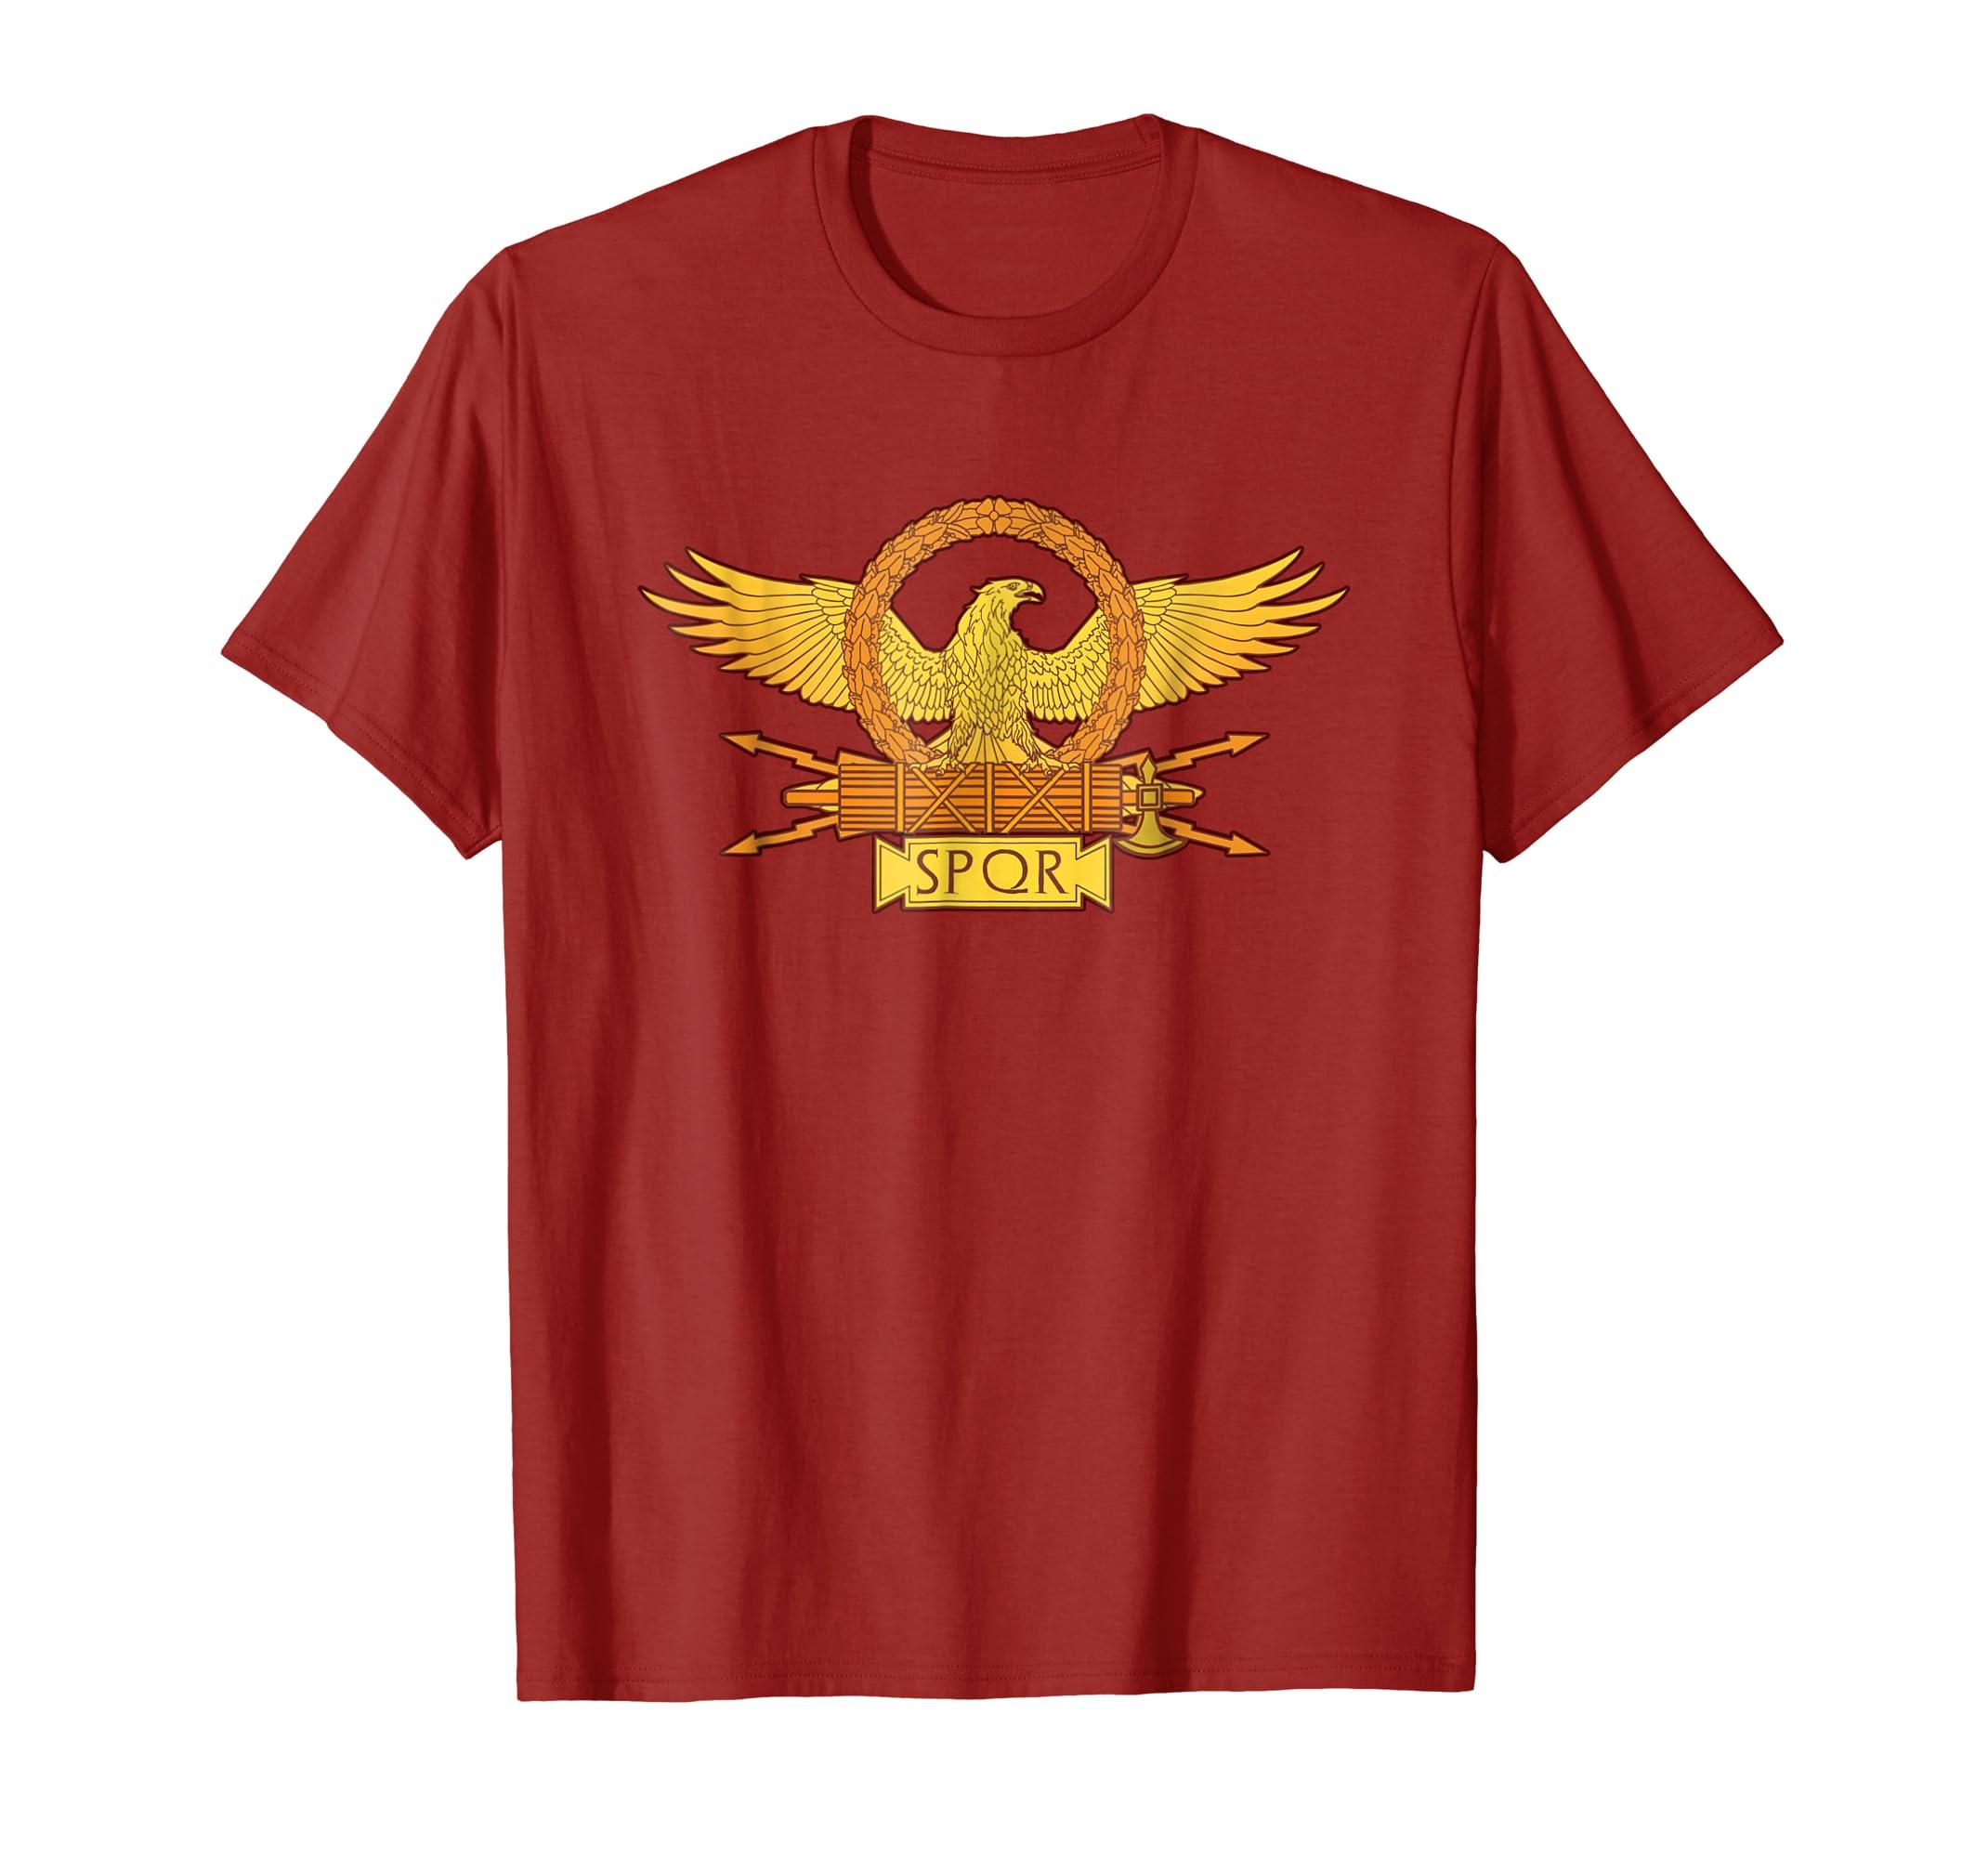 the best attitude 267e0 1eb36 SPQR Roman Eagle Standard - SPQR T-Shirt